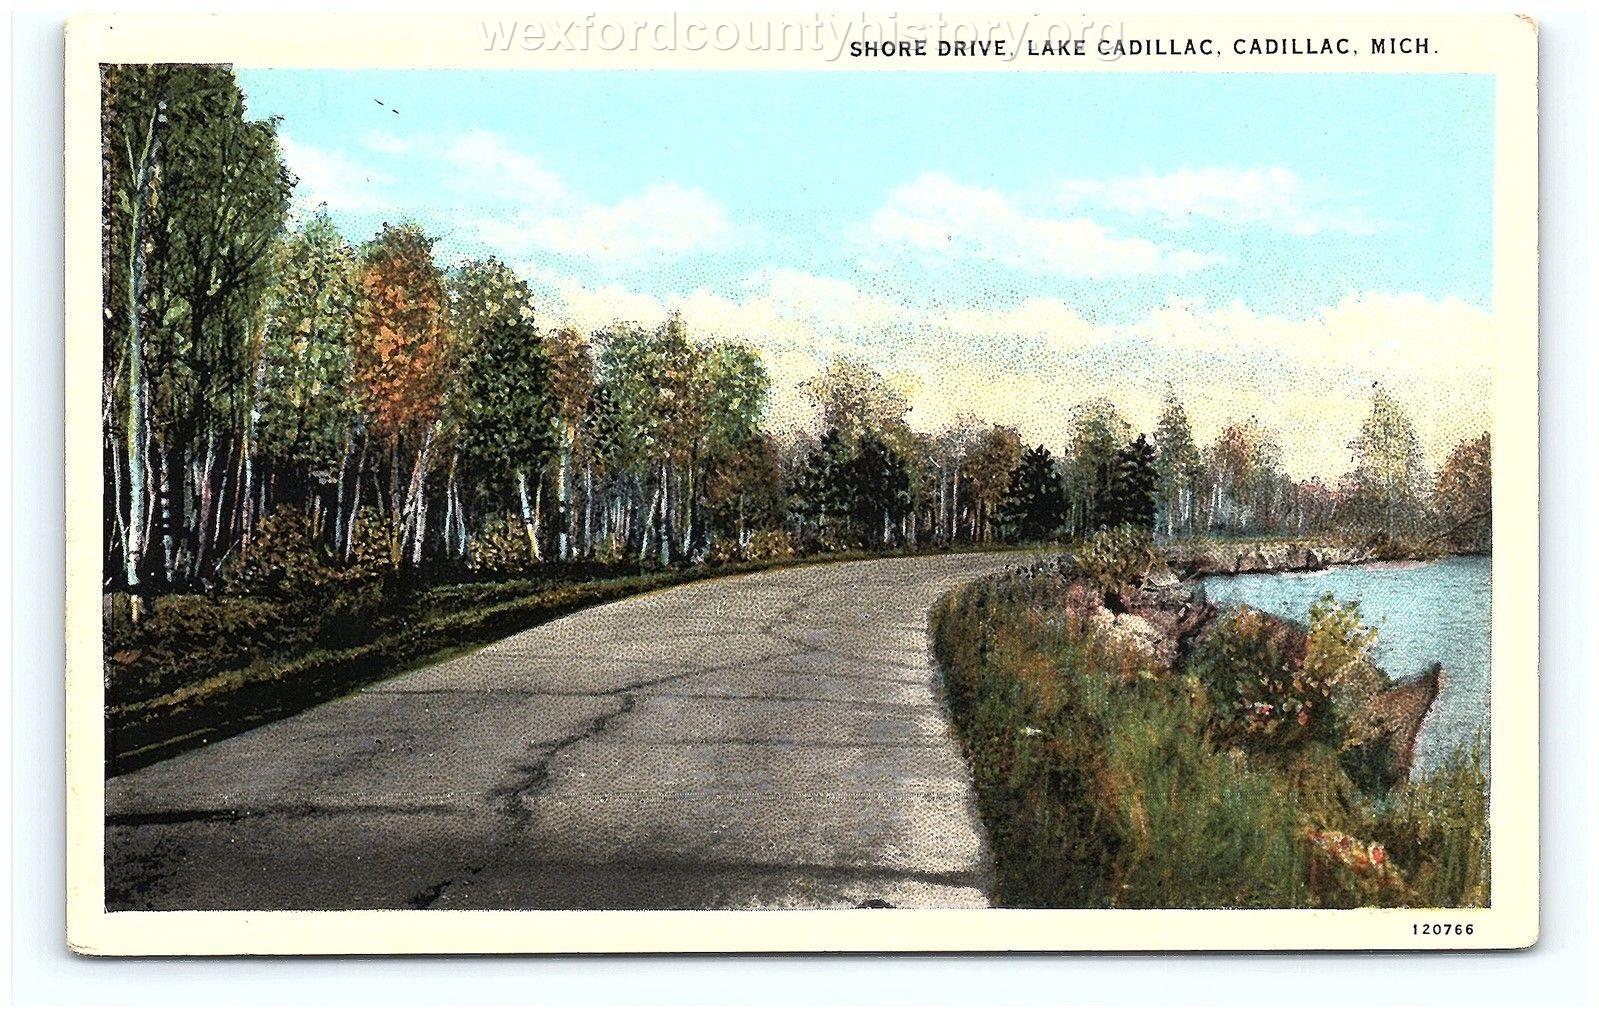 Cadillac-Recreation-North-Boulevard-And-Lake-Cadillac-8